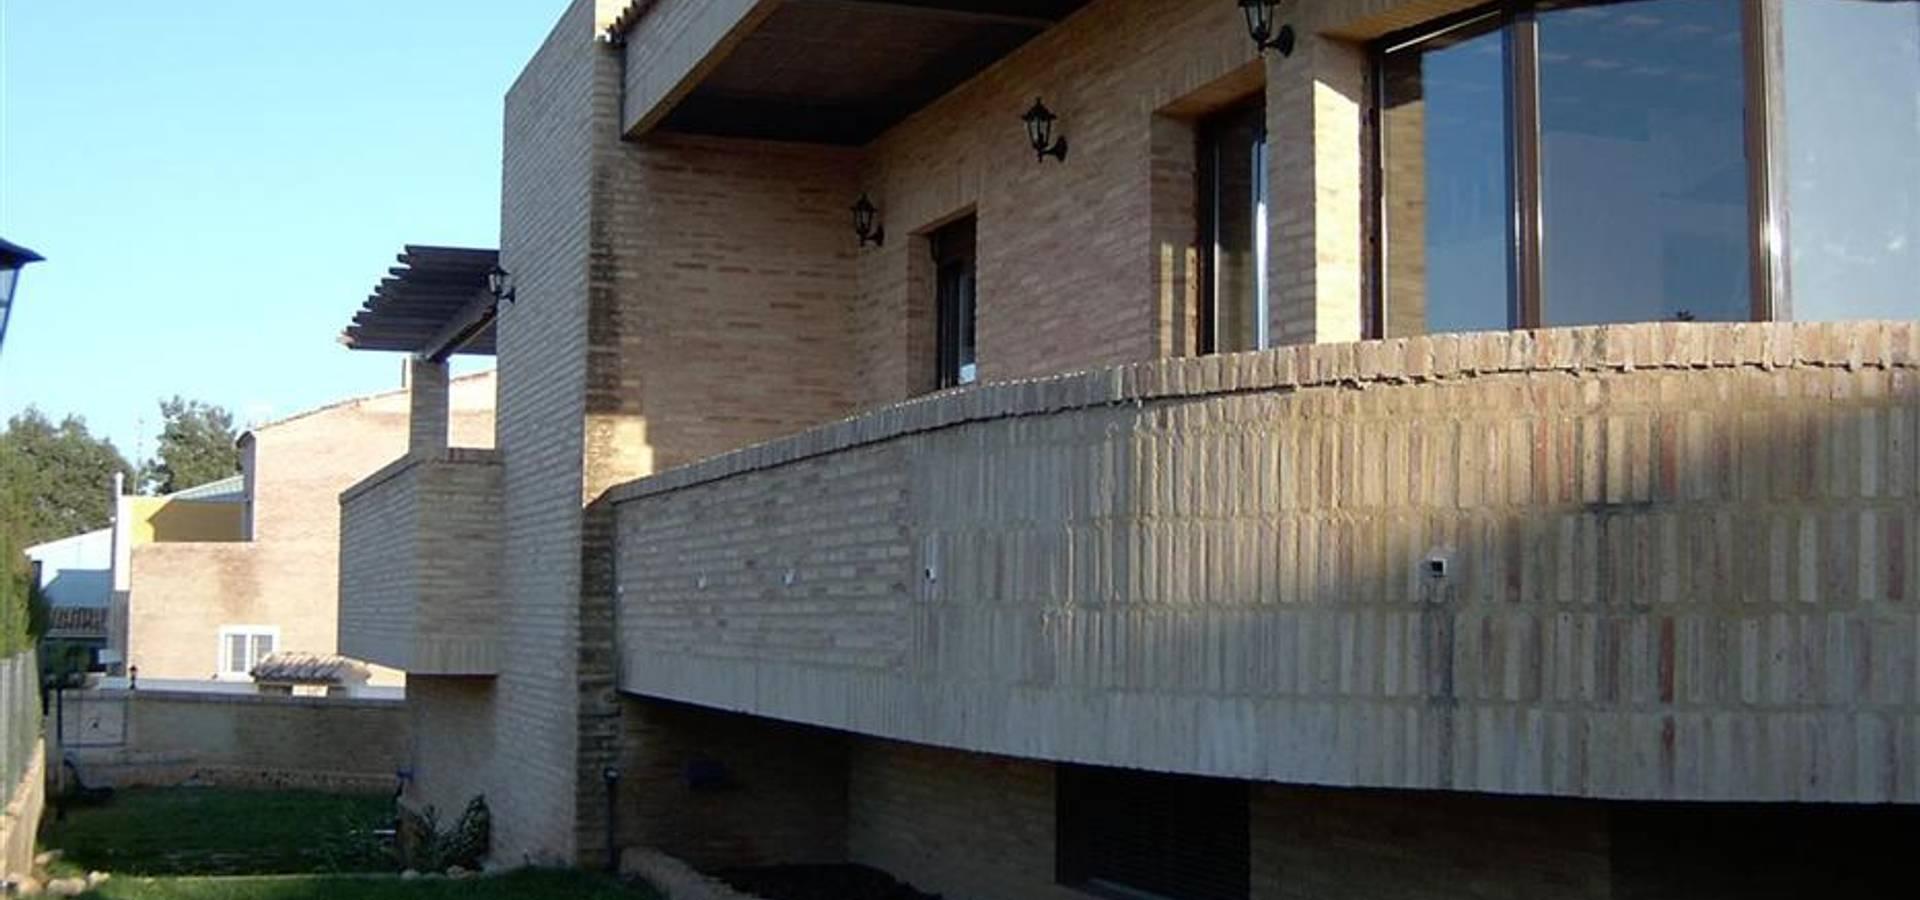 JF arquitectos y proyectos